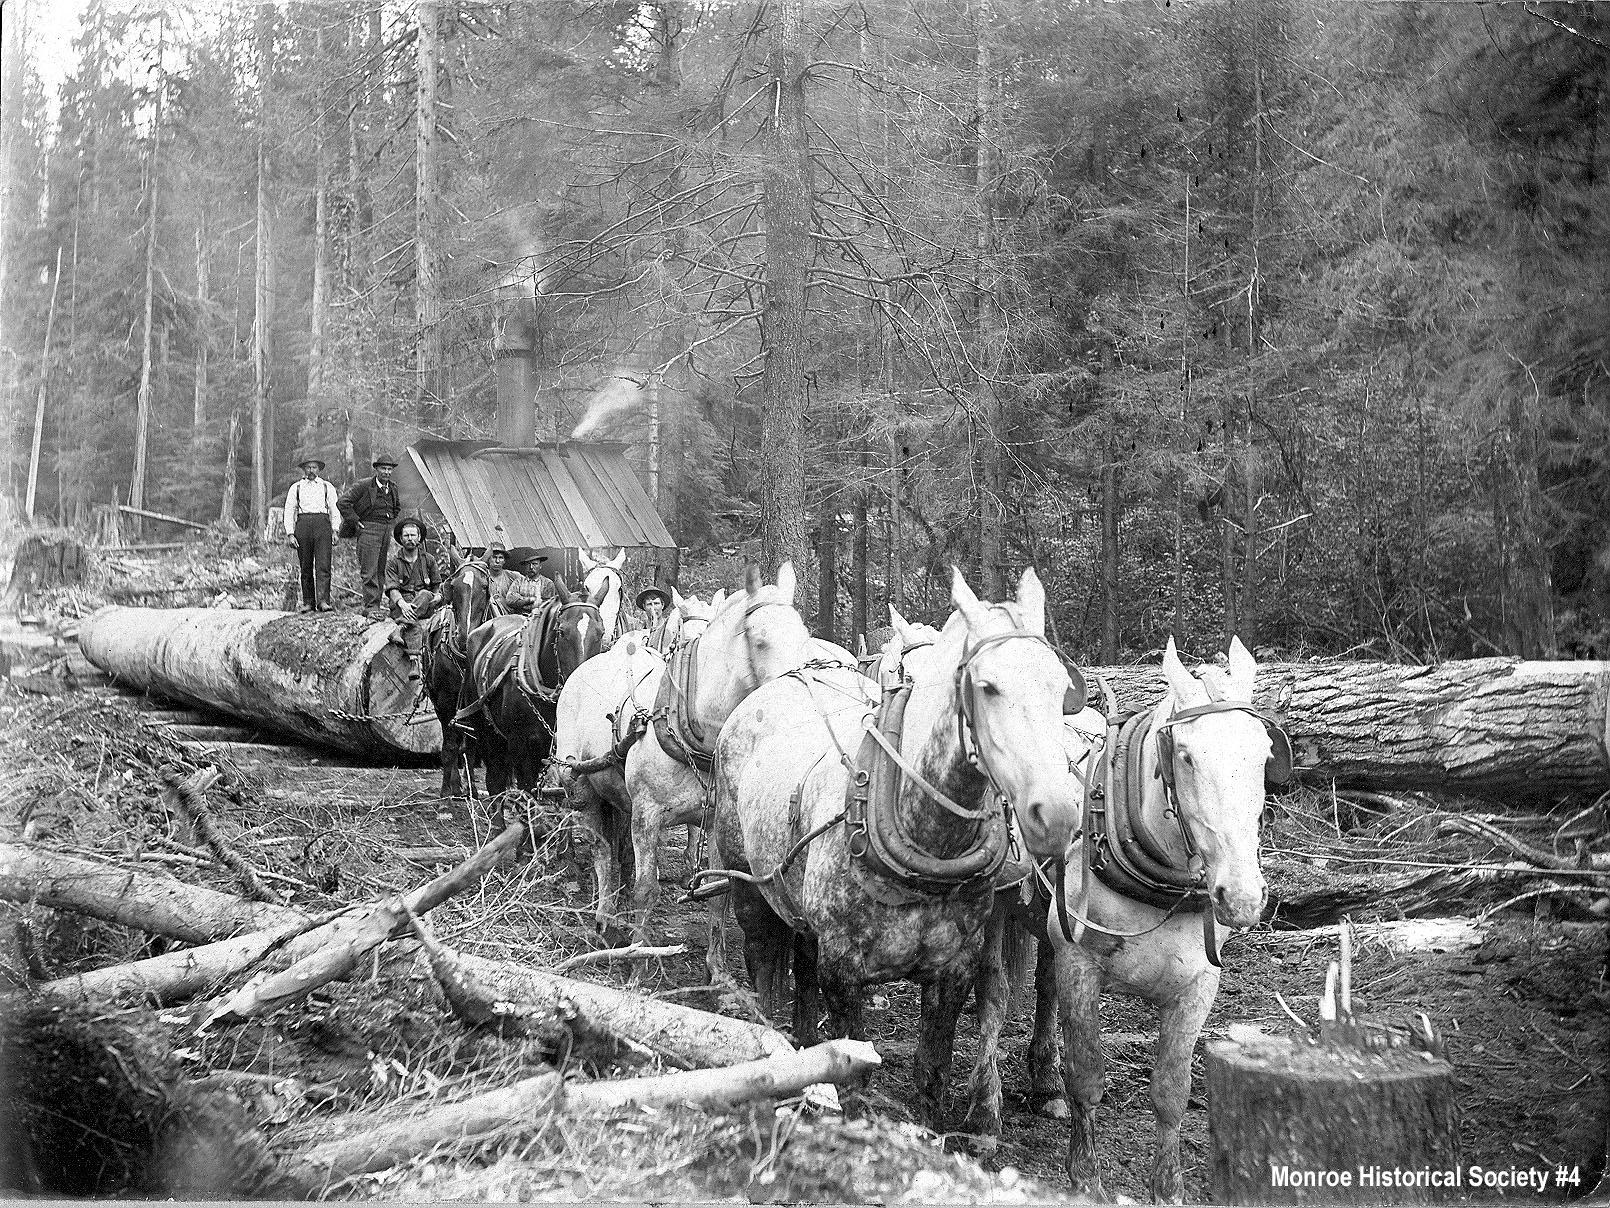 0004 – Six-horse team hauling logs on a skid road